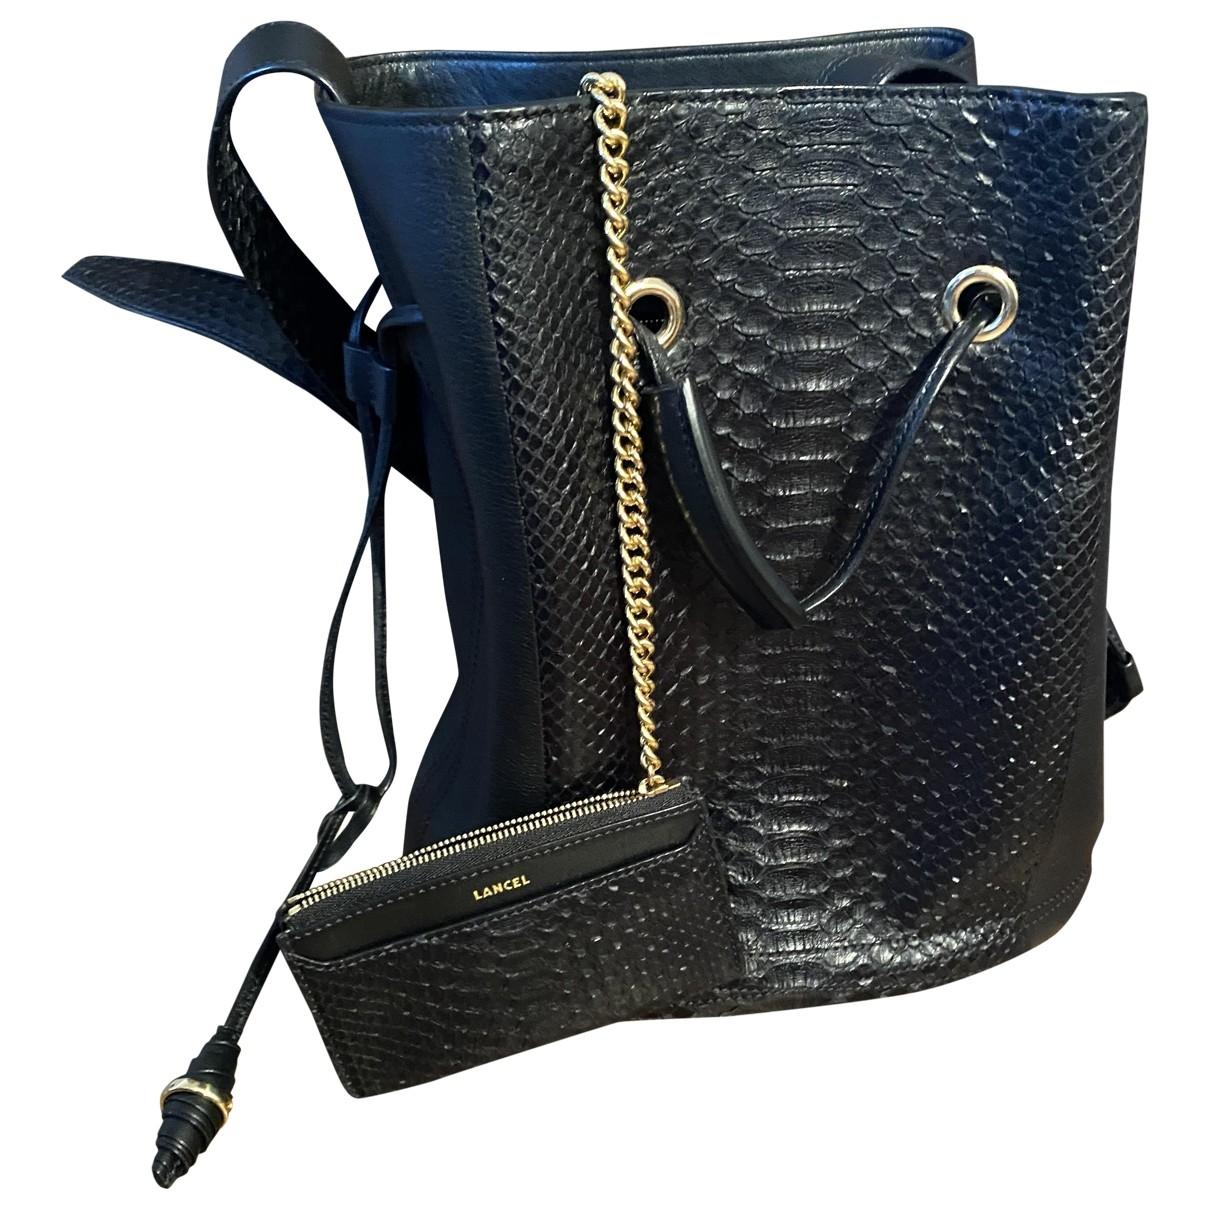 Lancel Huit Handtasche in  Schwarz Exotenleder